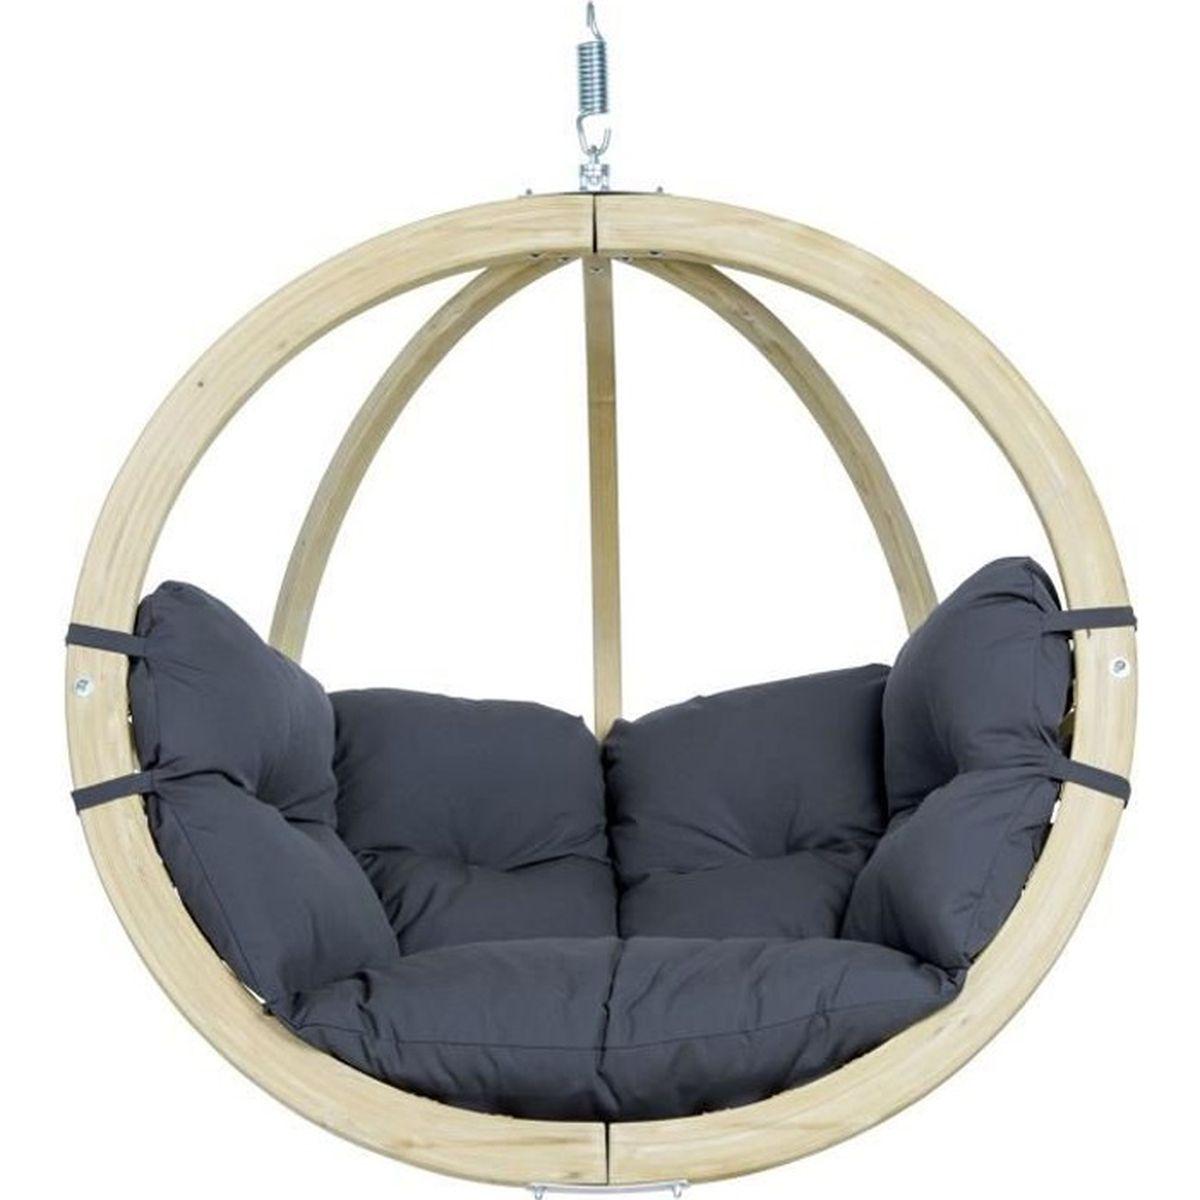 Fauteuil Suspendu D Exterieur amazonas fauteuil suspendu globo - anthracite - achat